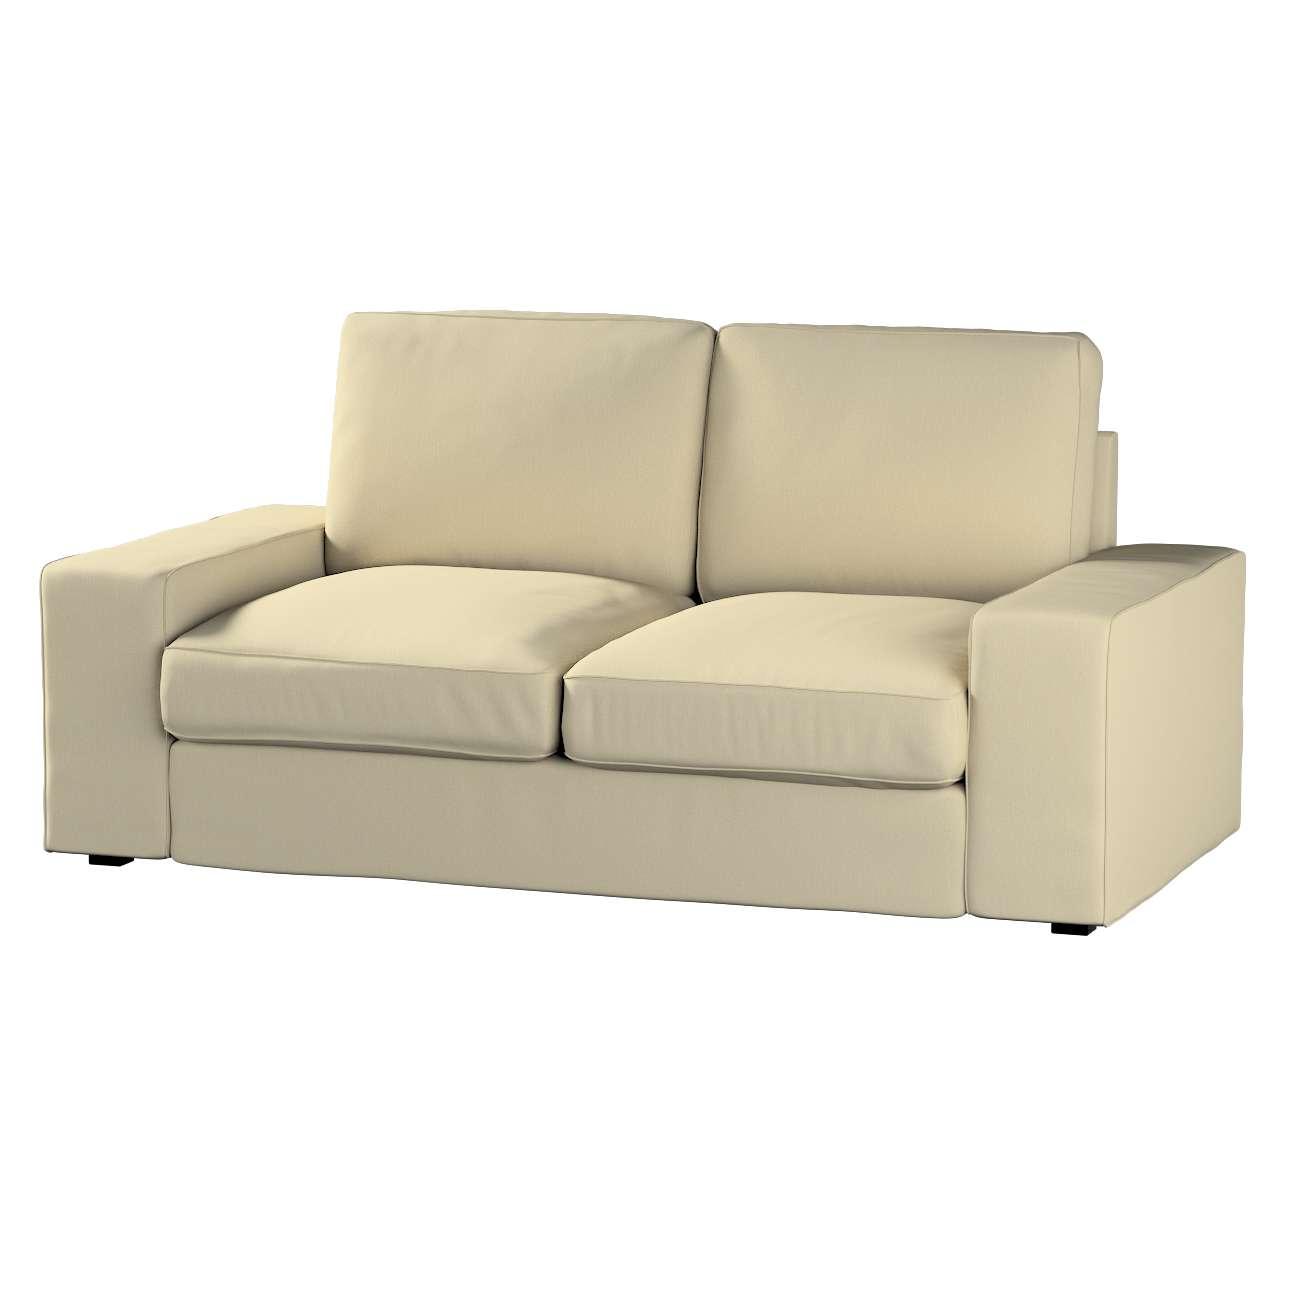 KIVIK dvivietės sofos užvalkalas Kivik 2-seat sofa kolekcijoje Chenille, audinys: 702-22